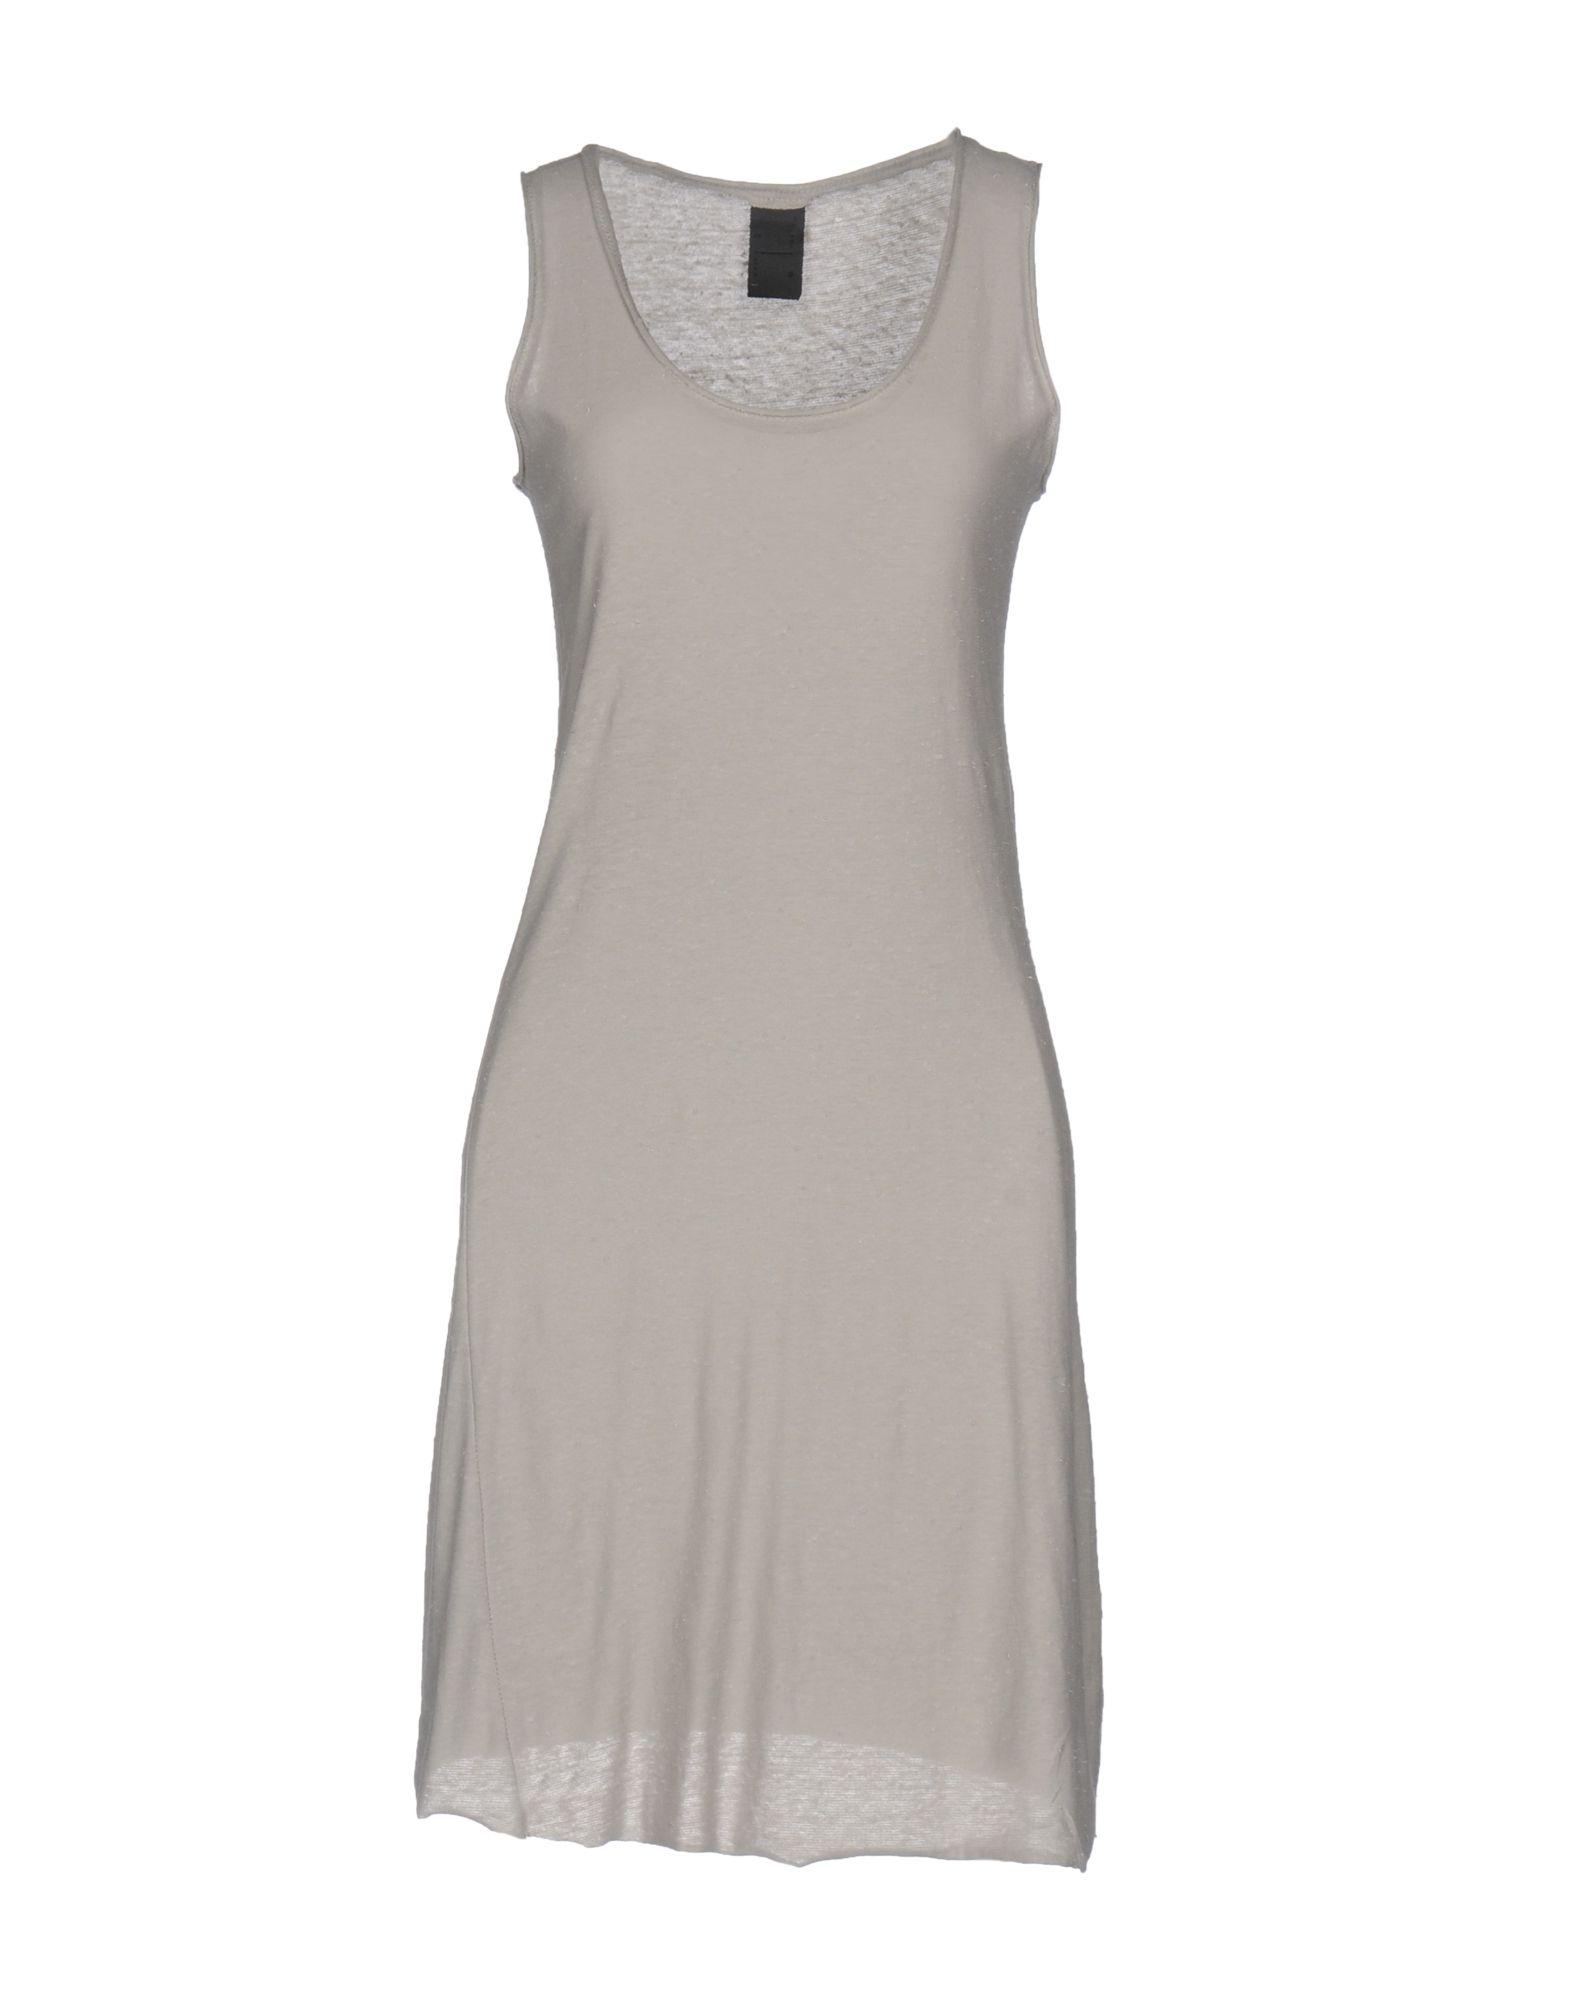 10SEI0OTTO Короткое платье платье туника otto цвет зеленый пейсли